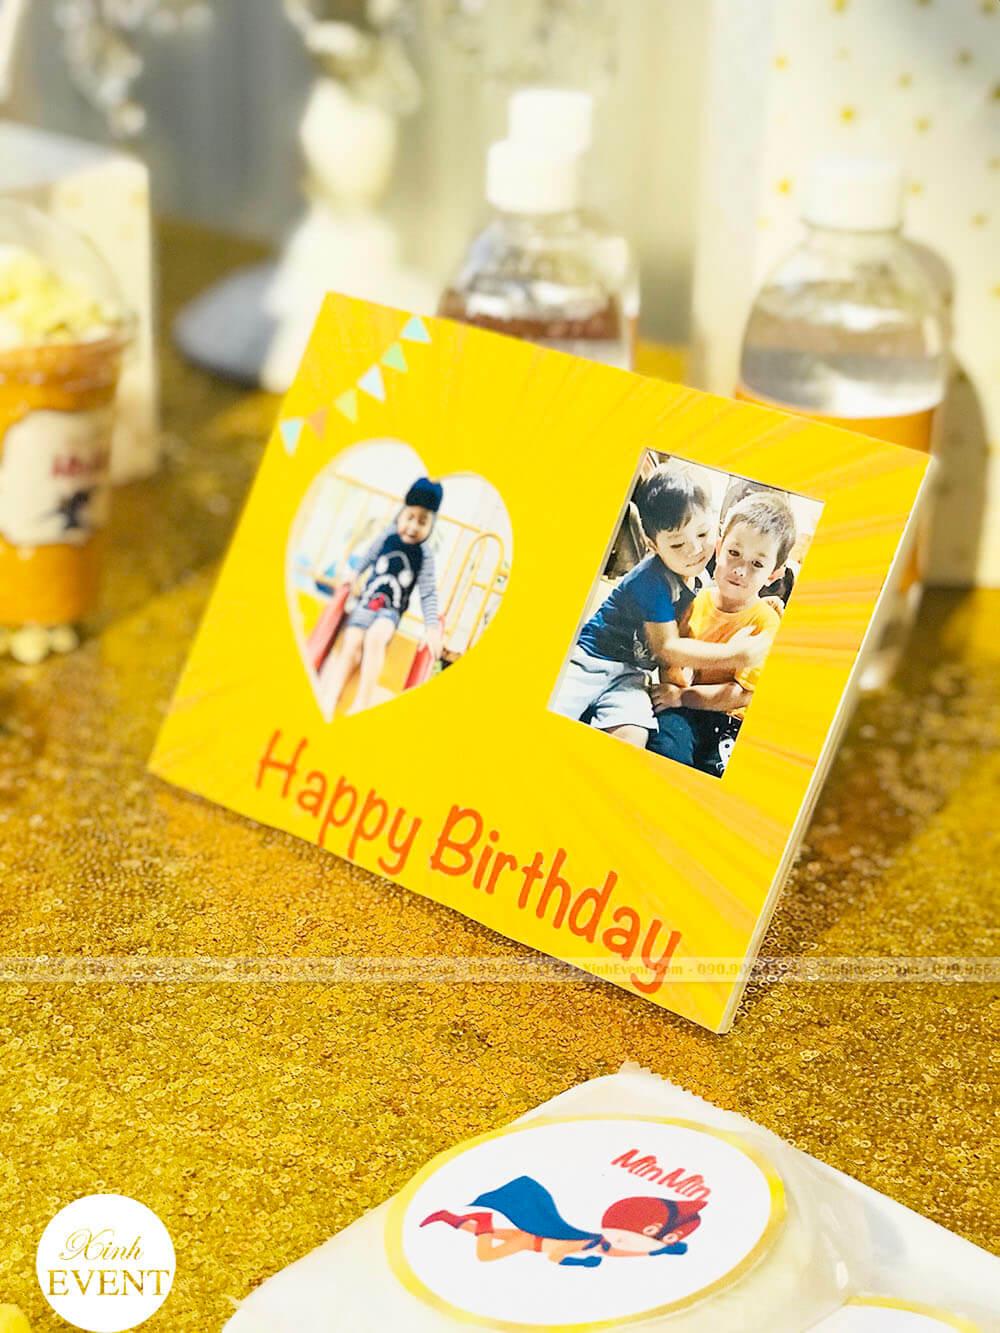 Thiêp sinh nhật trang trí trên bàn quà